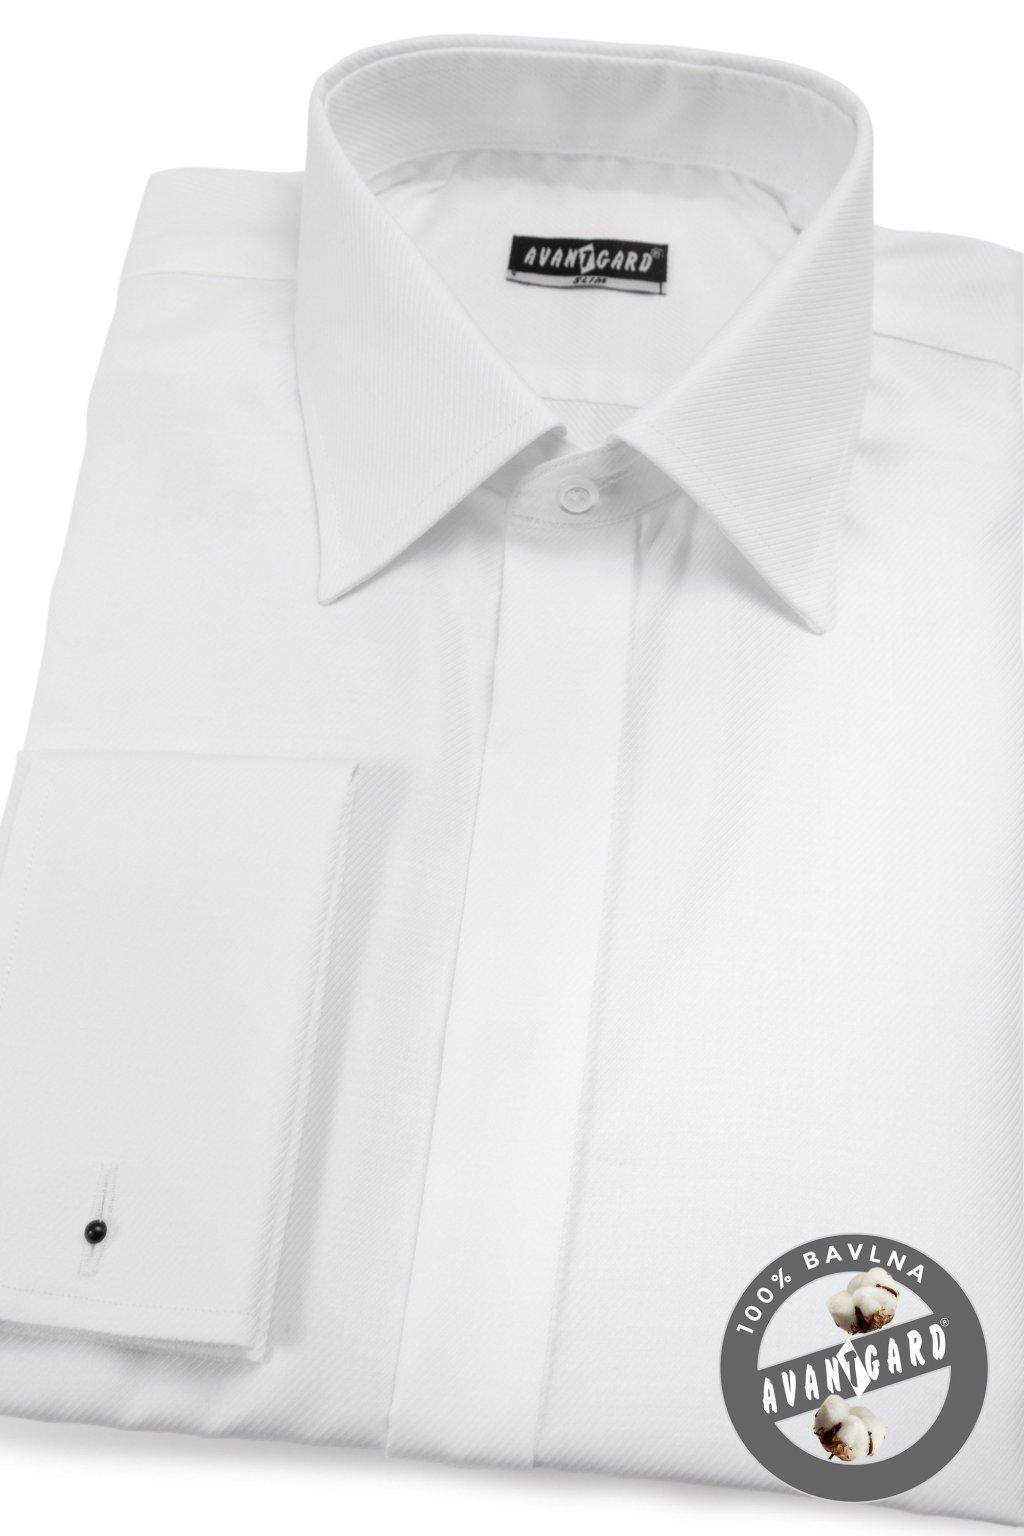 Pánská košile SLIM - krytá léga, MK bílá 111 - 97